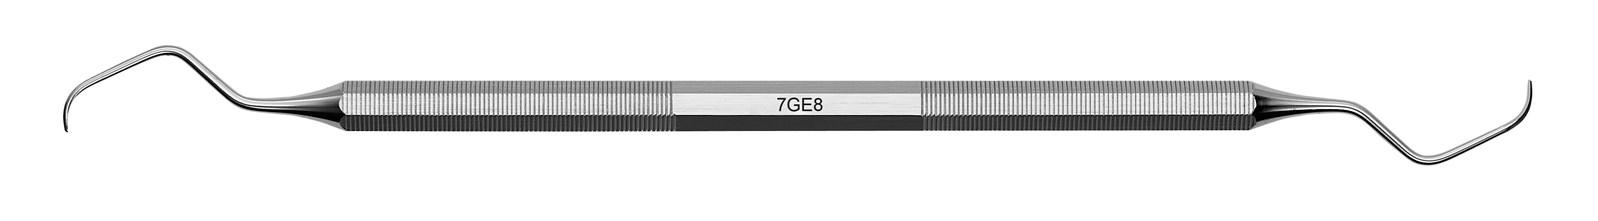 Kyreta Gracey Classic - 7GE8, ADEP silikonový návlek světle modrý